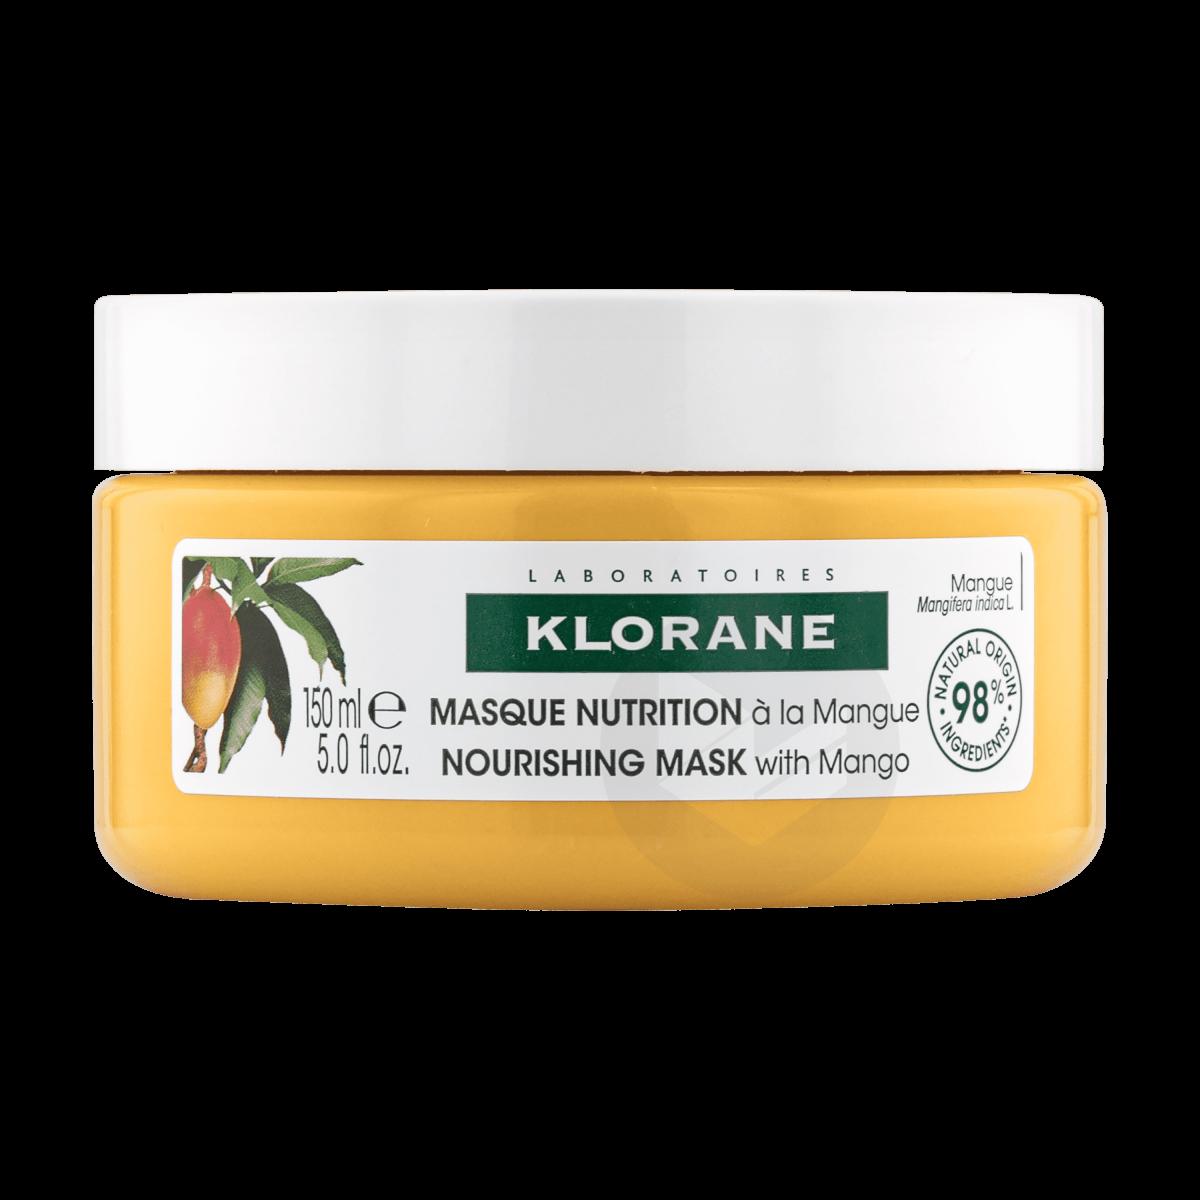 Masque Nutrition à la Mangue 150ml